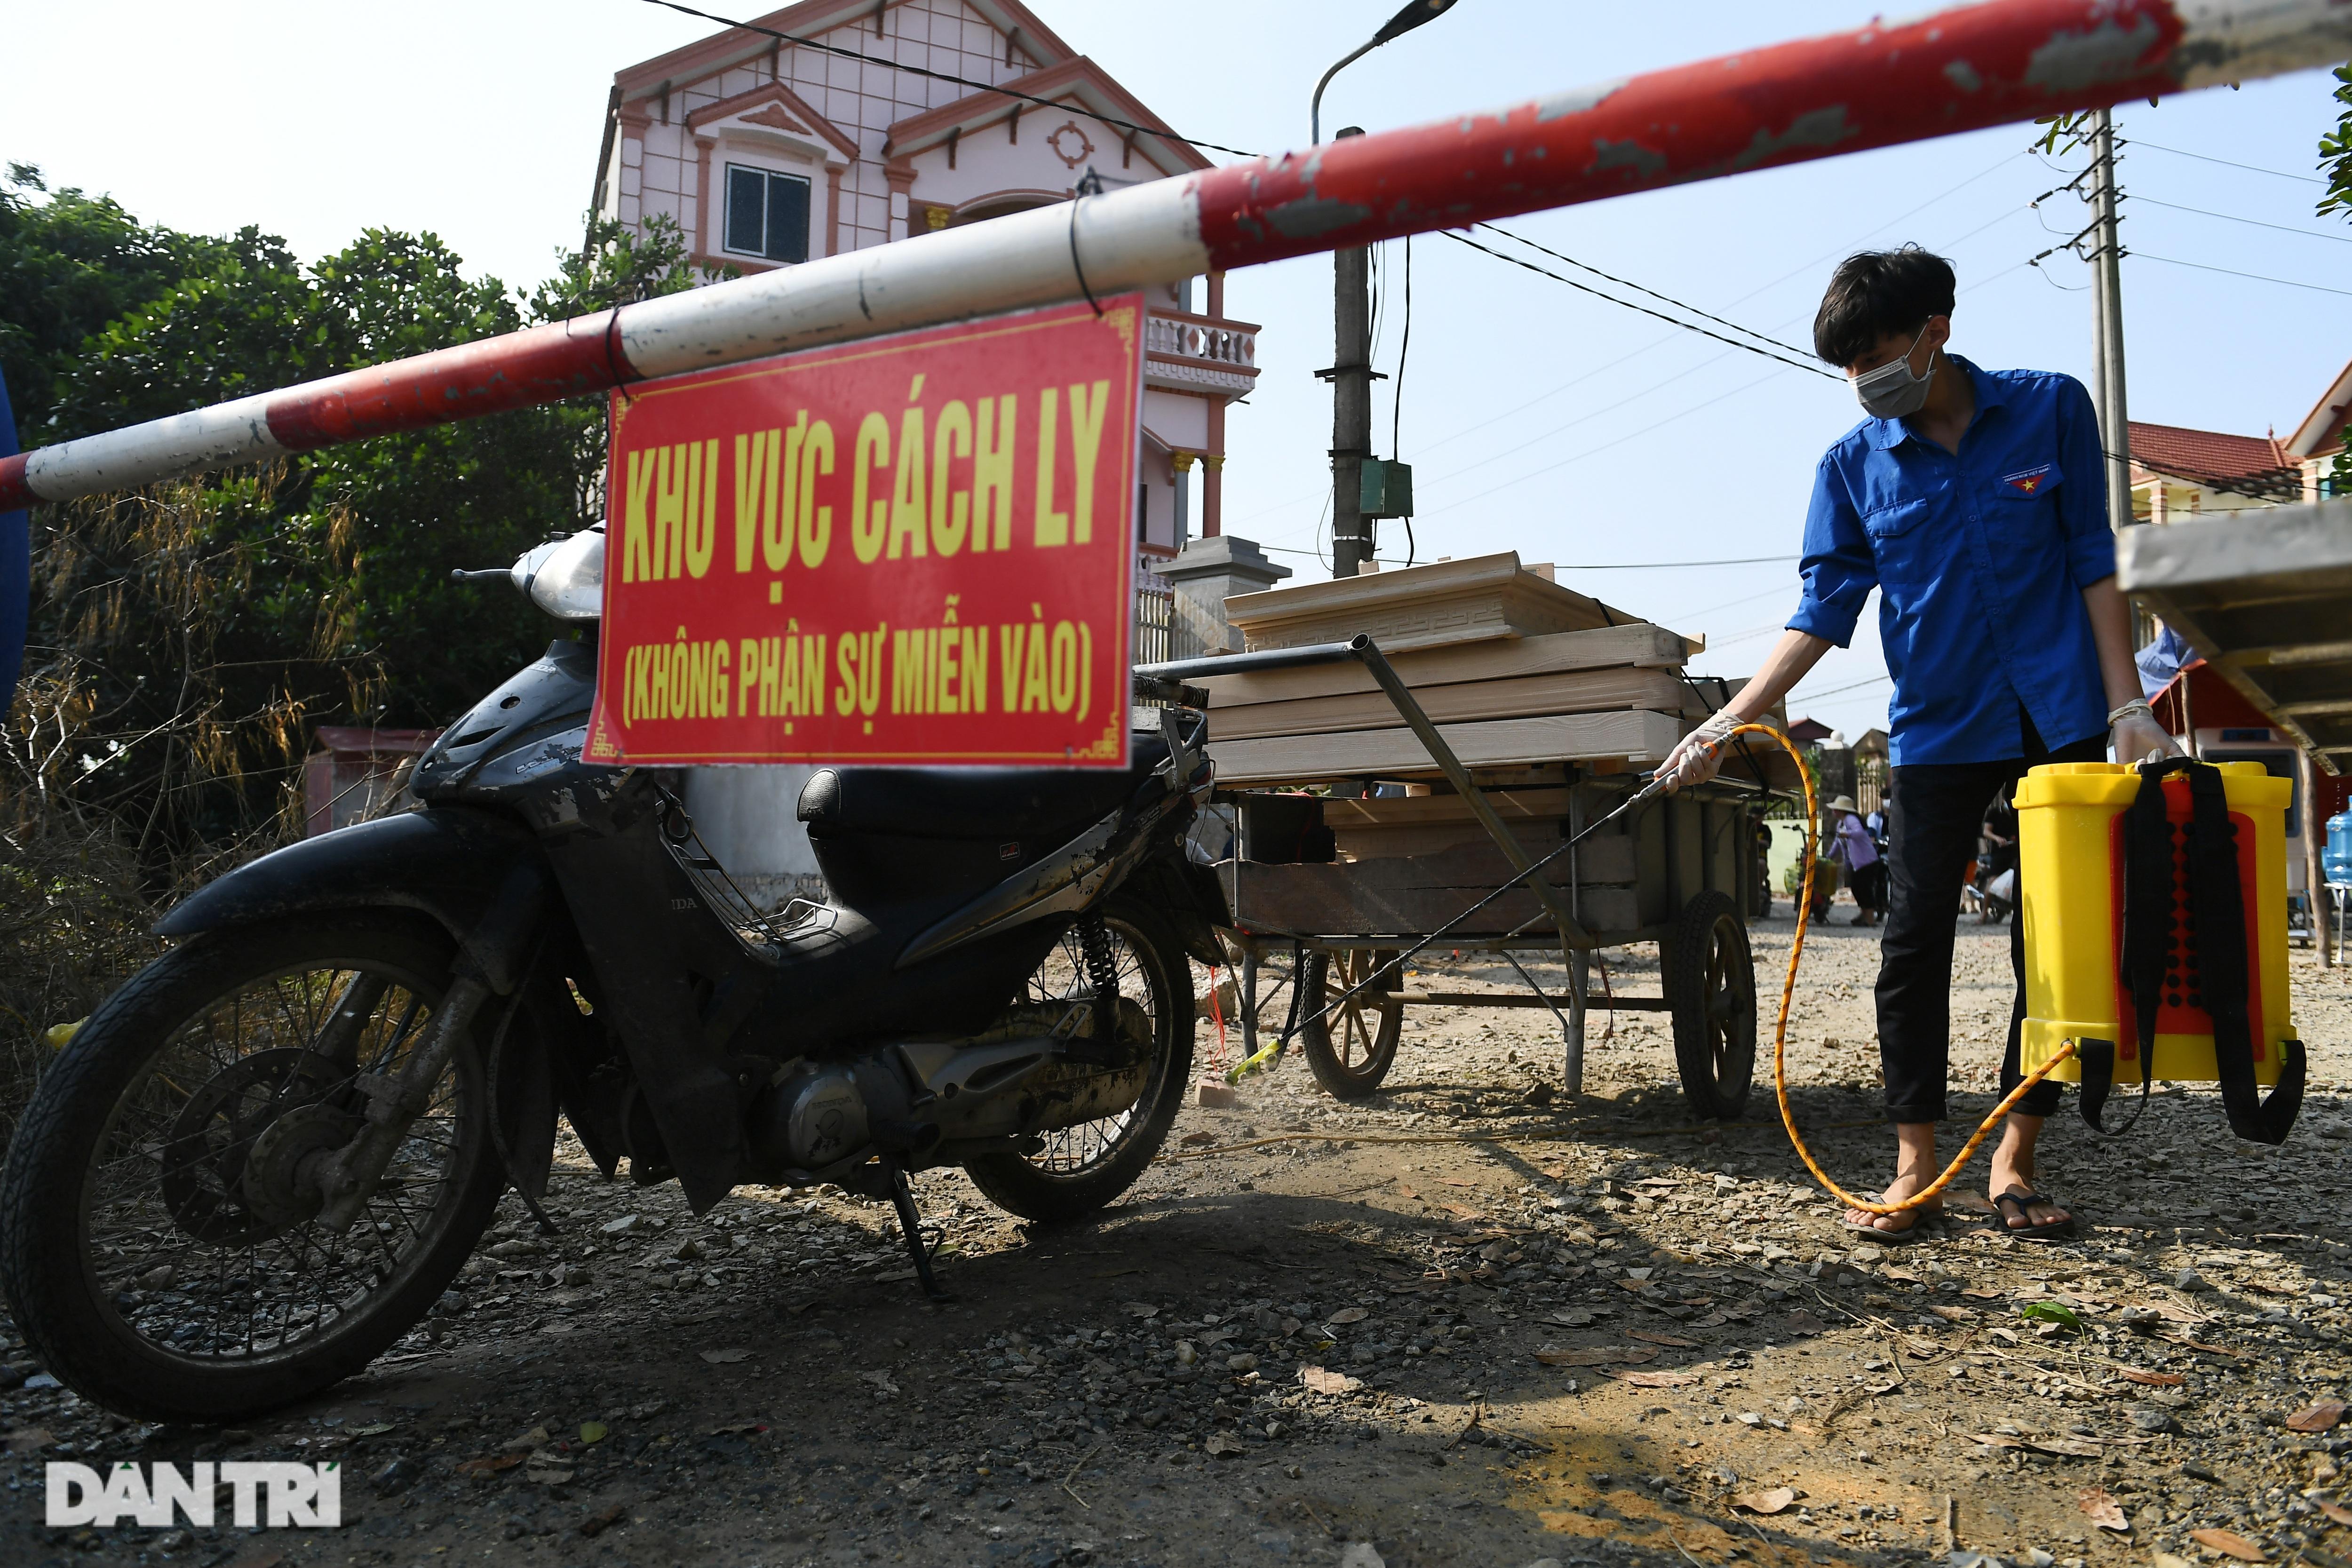 Cuộc sống khu dân cư cách ly ở Hà Nội: Cầu trời cho dịch bệnh qua nhanh - 1